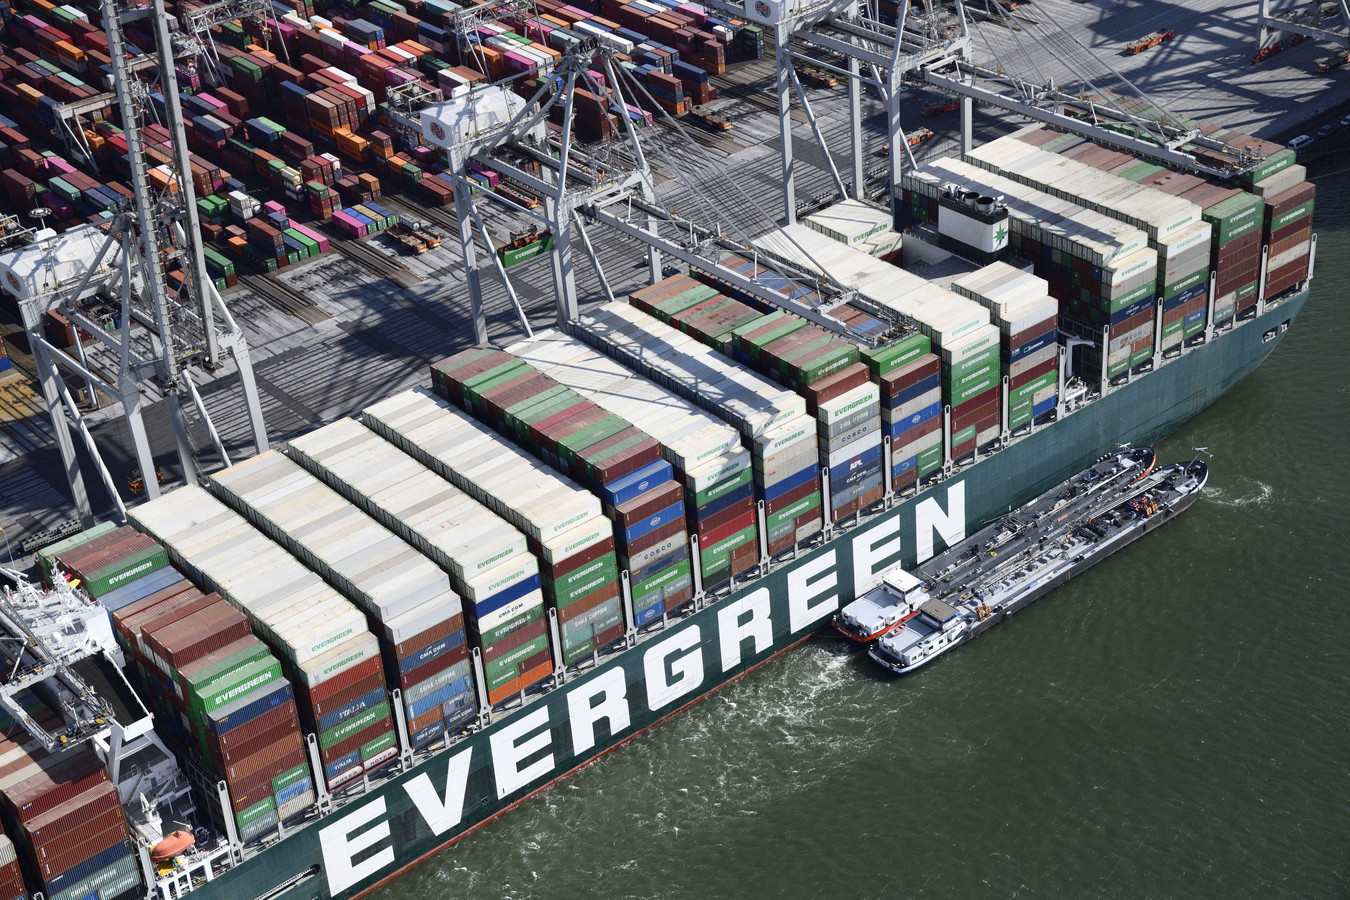 De Ever Given ligt eindelijk in Rotterdam. Het immense schip blokkeerde in maart het Suezkanaal en zorgde voor wereldwijde schade.